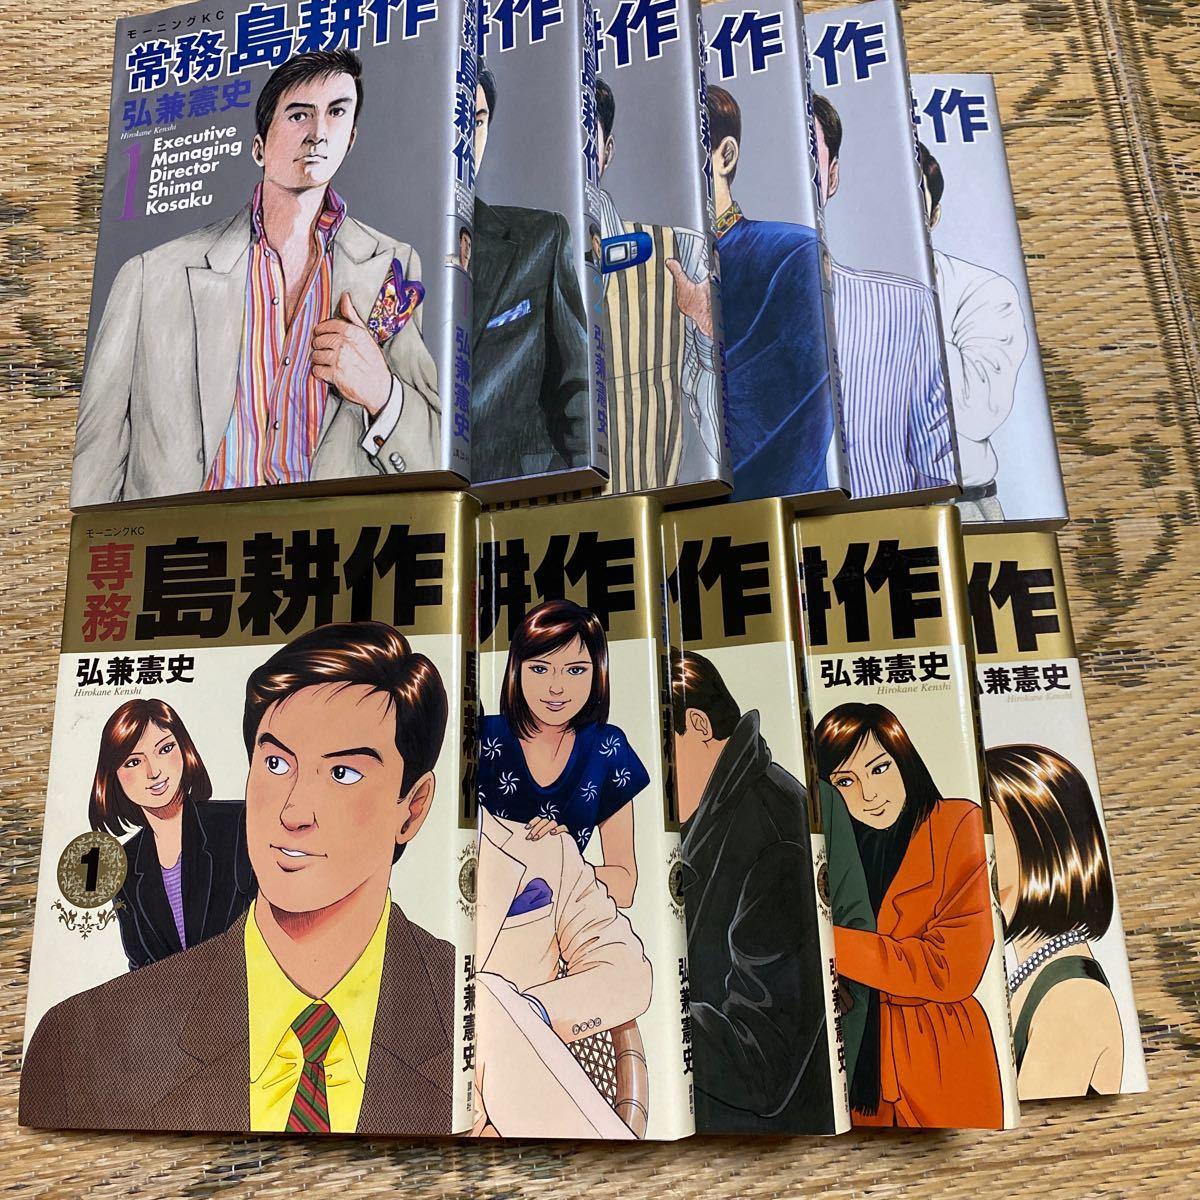 弘兼憲史 常務 専務 島耕作 全6巻 全5巻セット